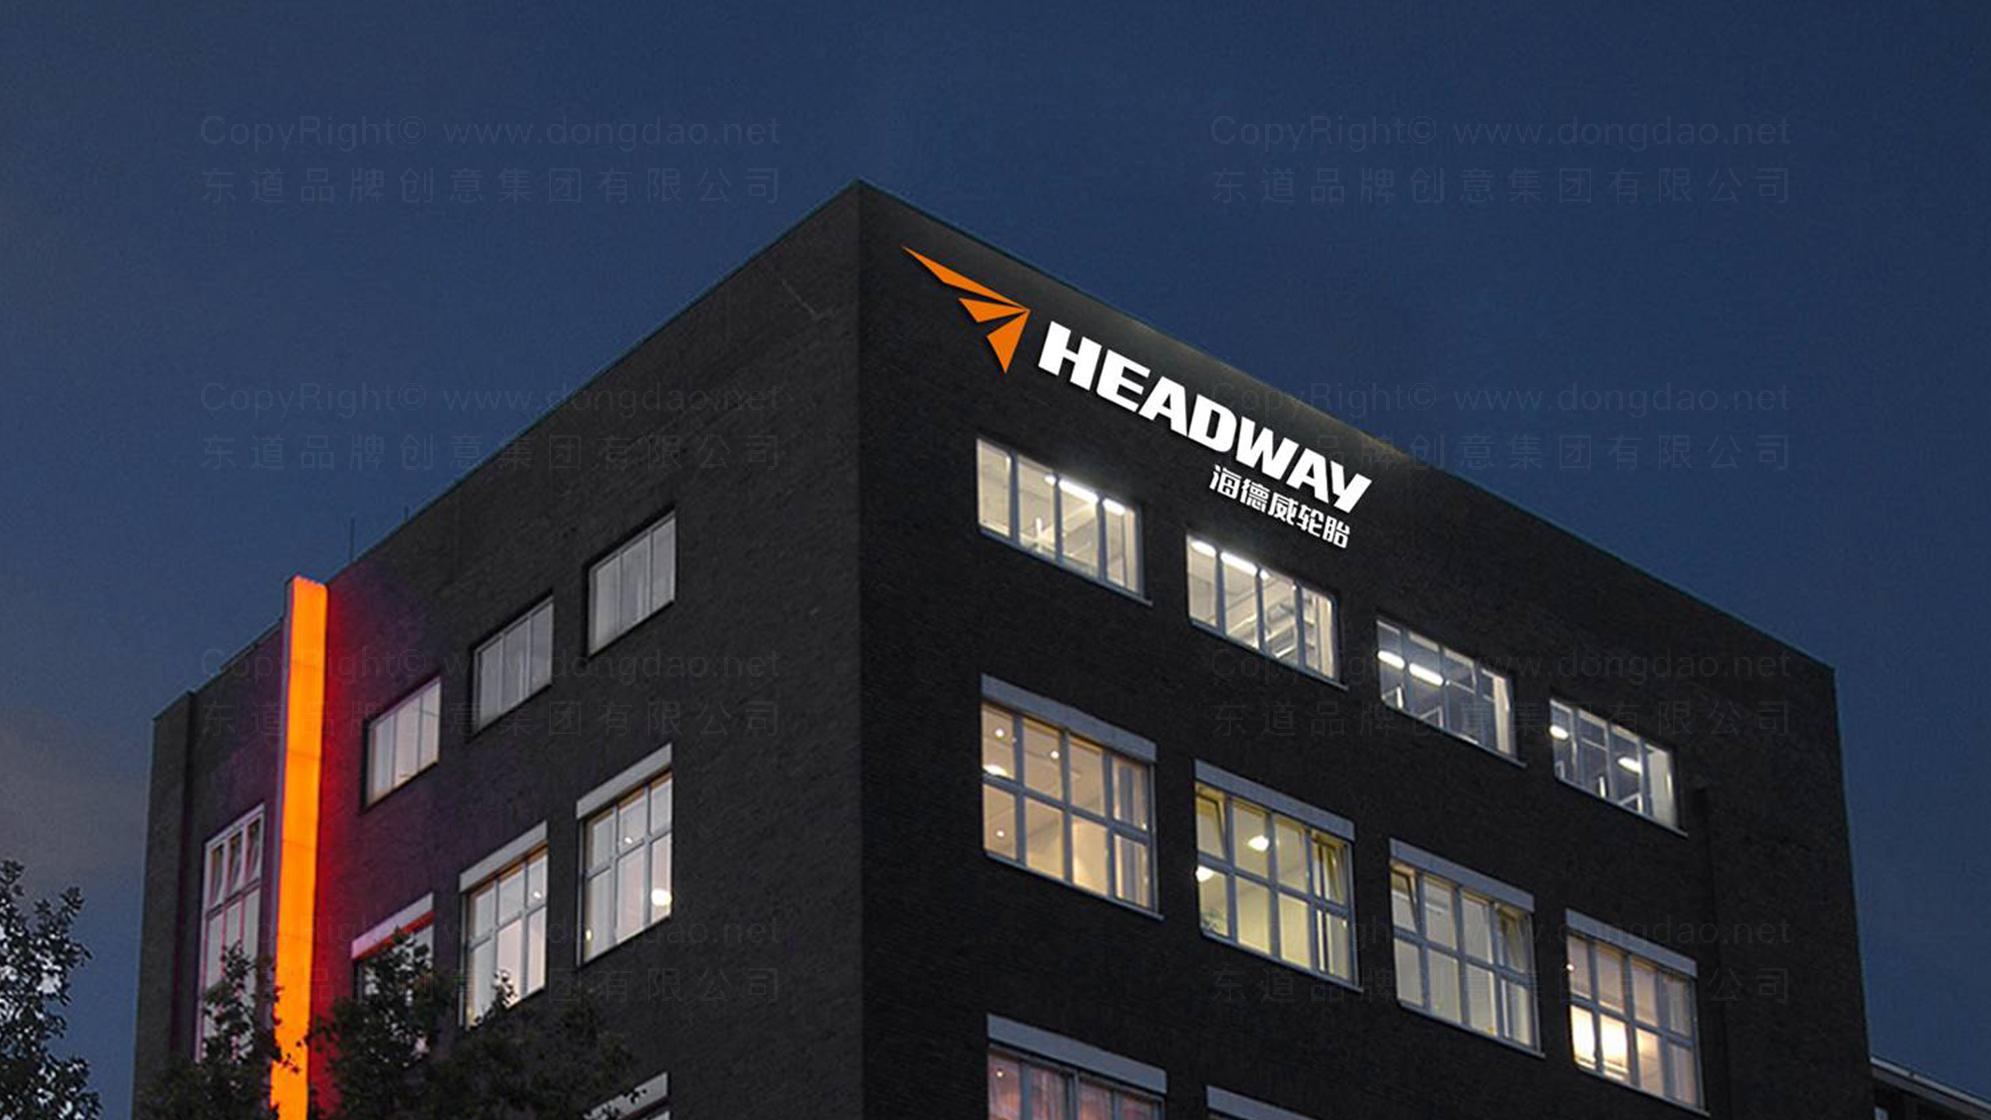 品牌设计海德威轮胎标志设计应用场景_3